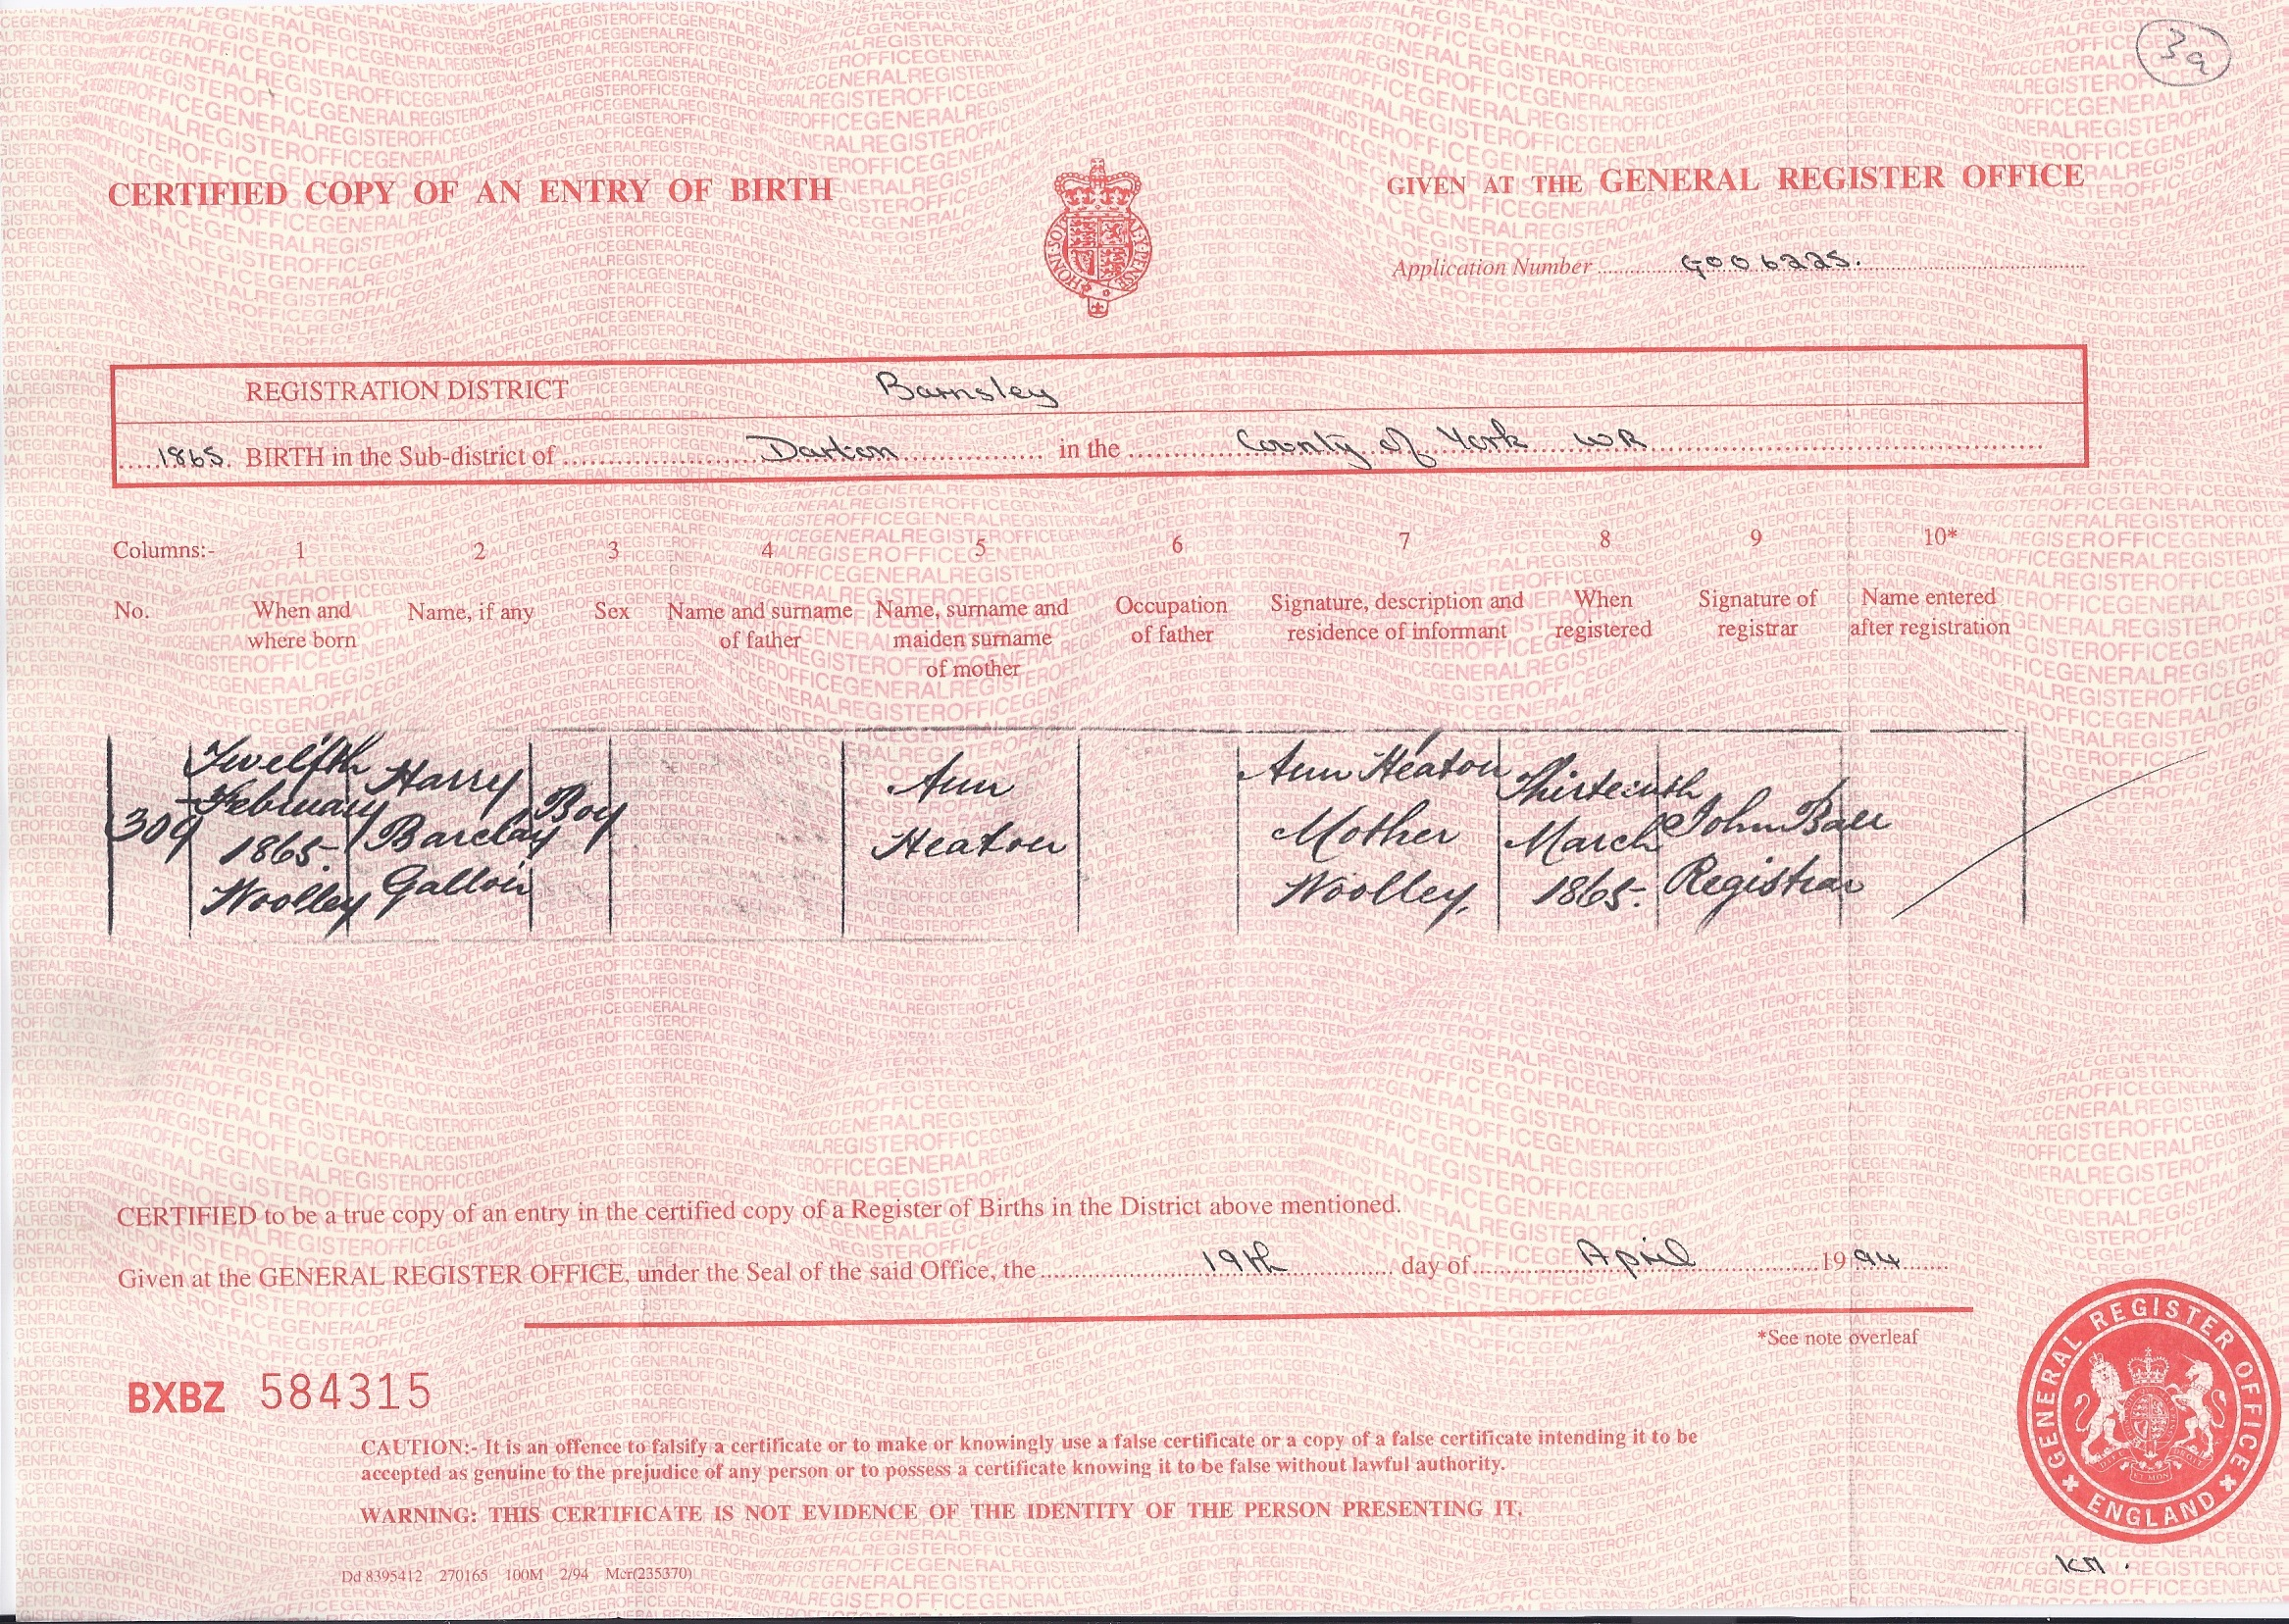 Harry Barclay Gallon Heaton's Birth Certificate